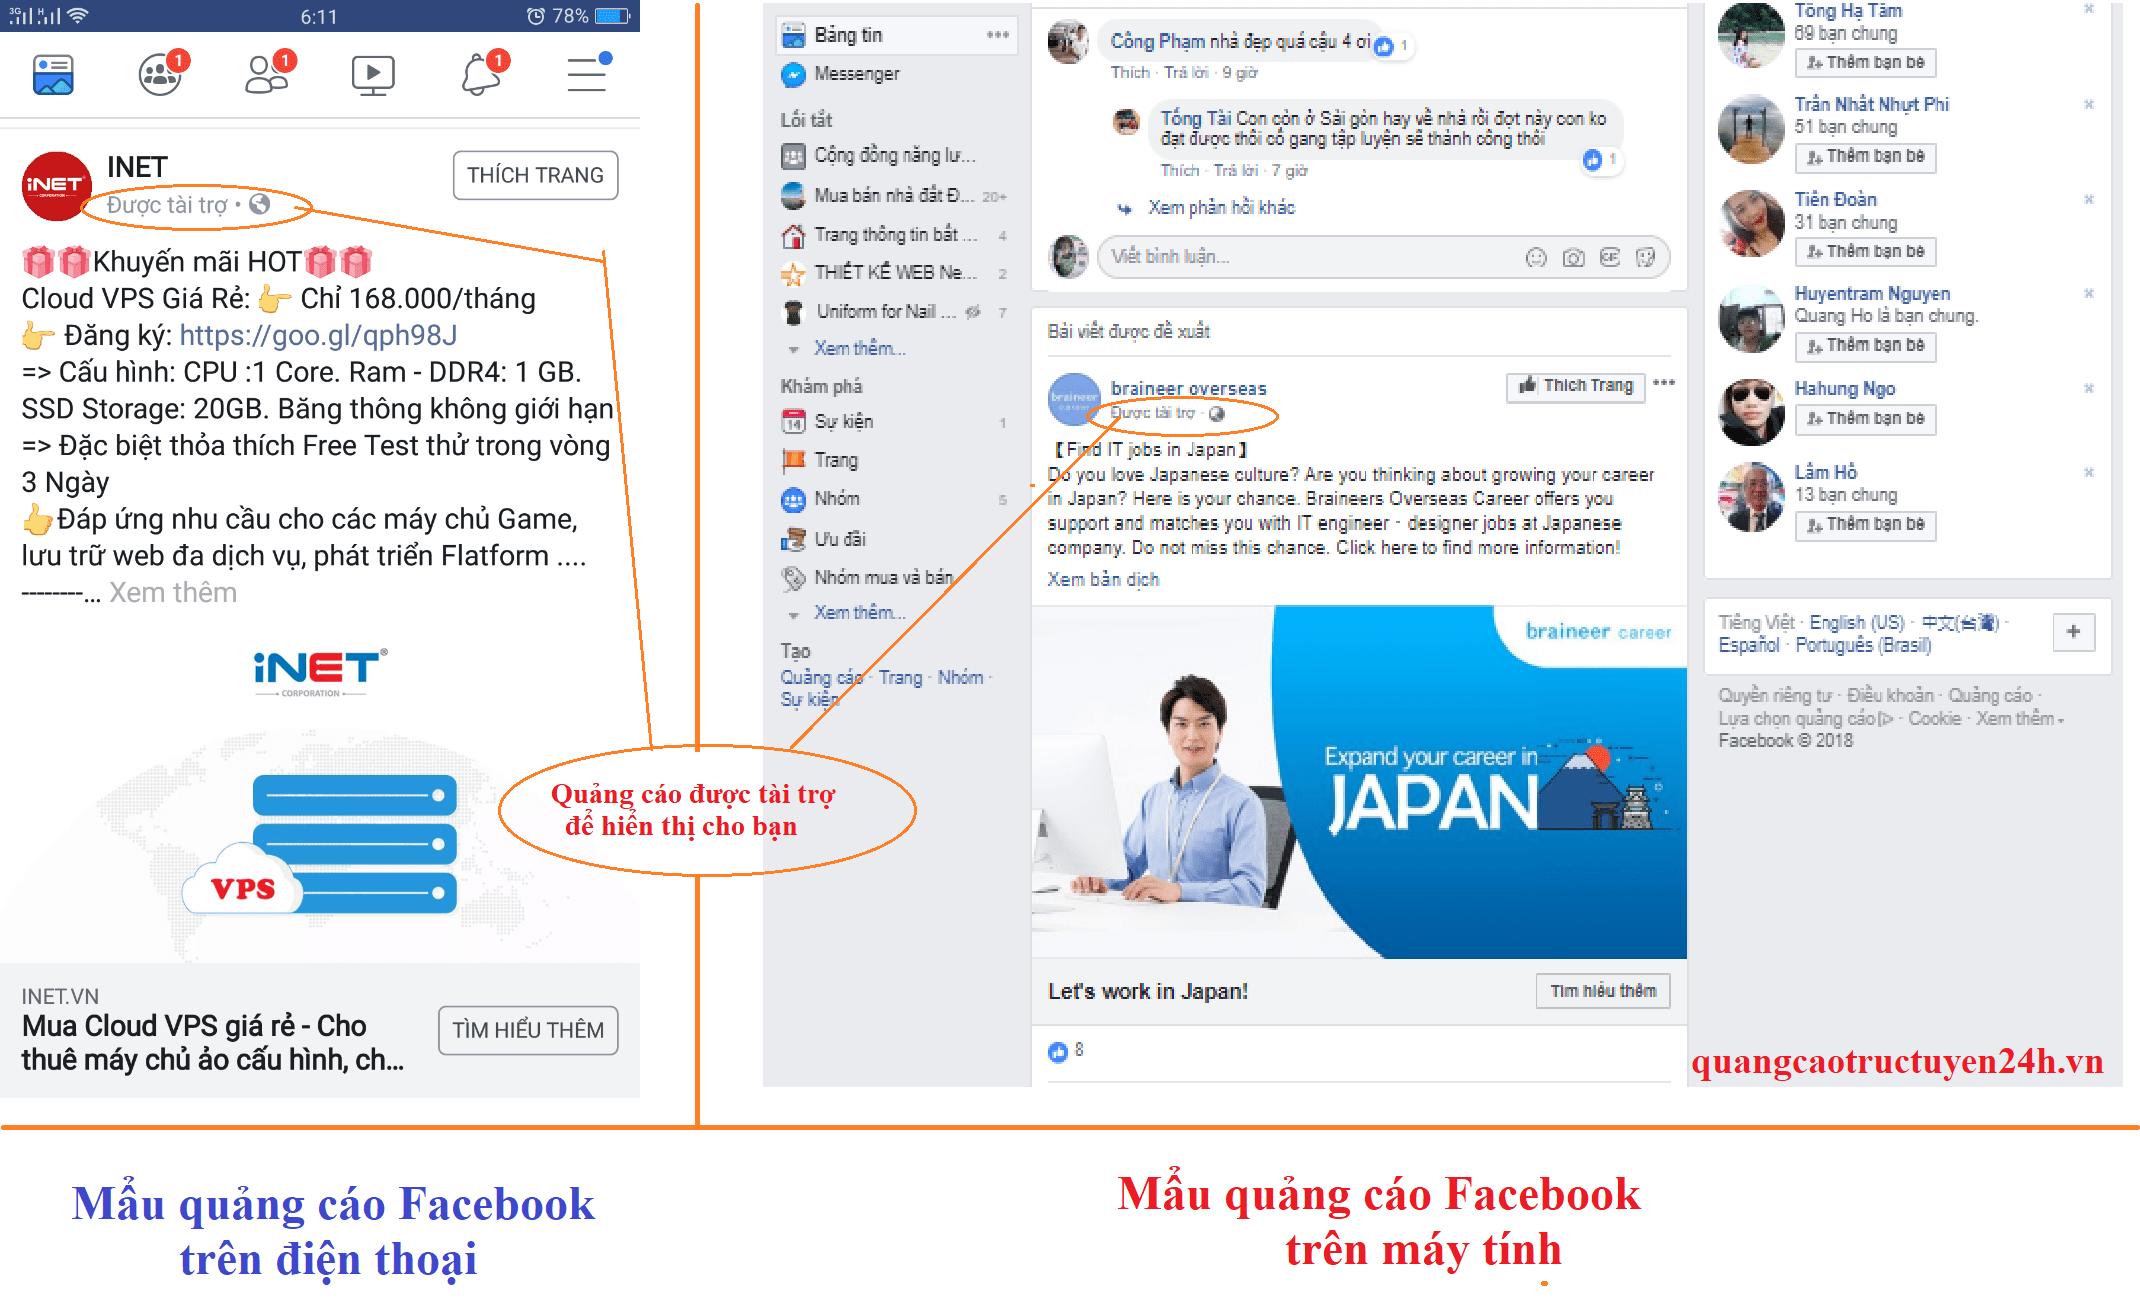 Một mẩu quảng cáo được tài trợ để hiện thị cho bạn